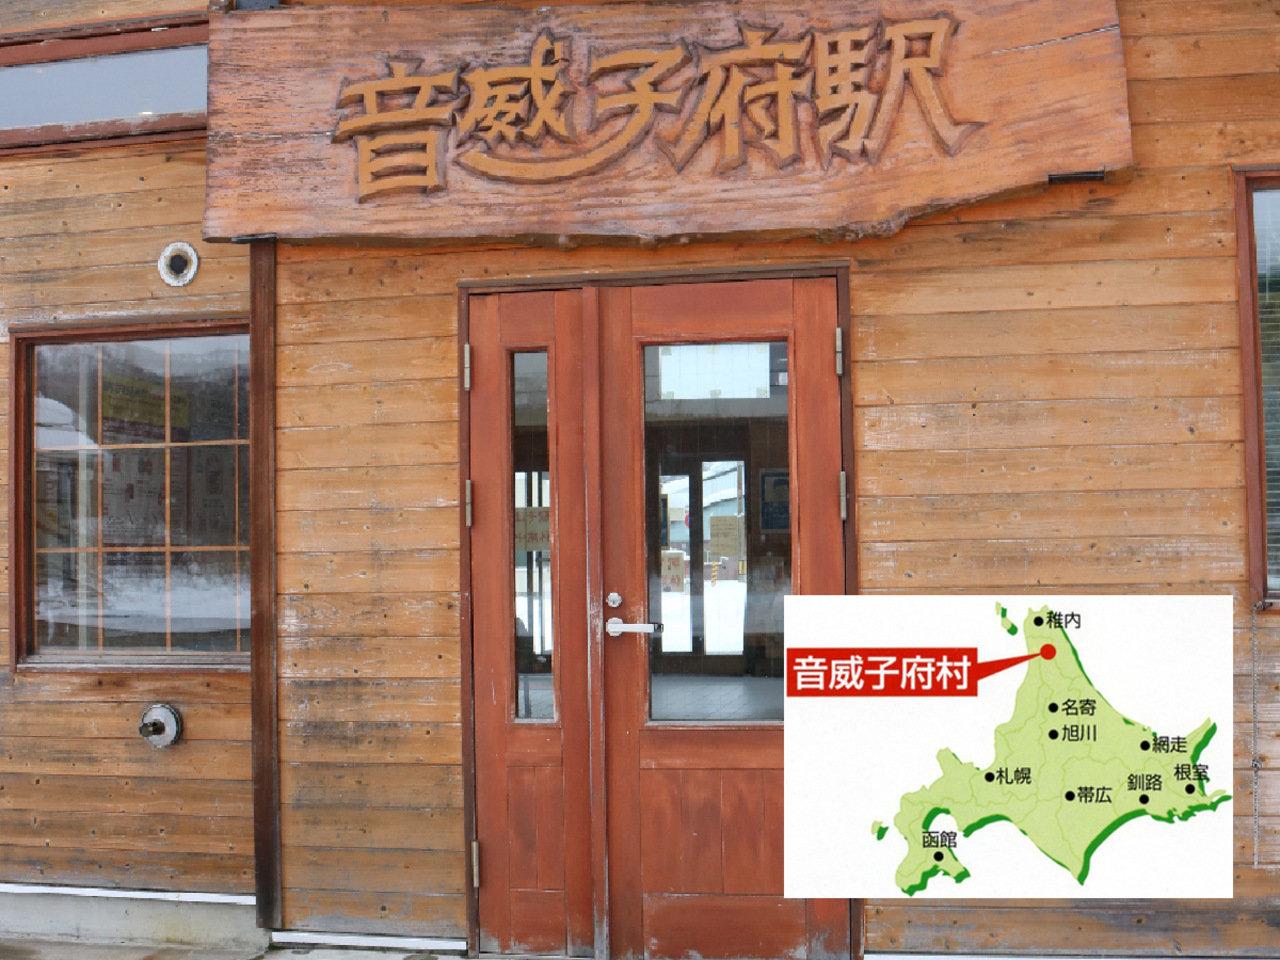 なんて読む?「音威子府」は北海道いち小さな森と匠の村